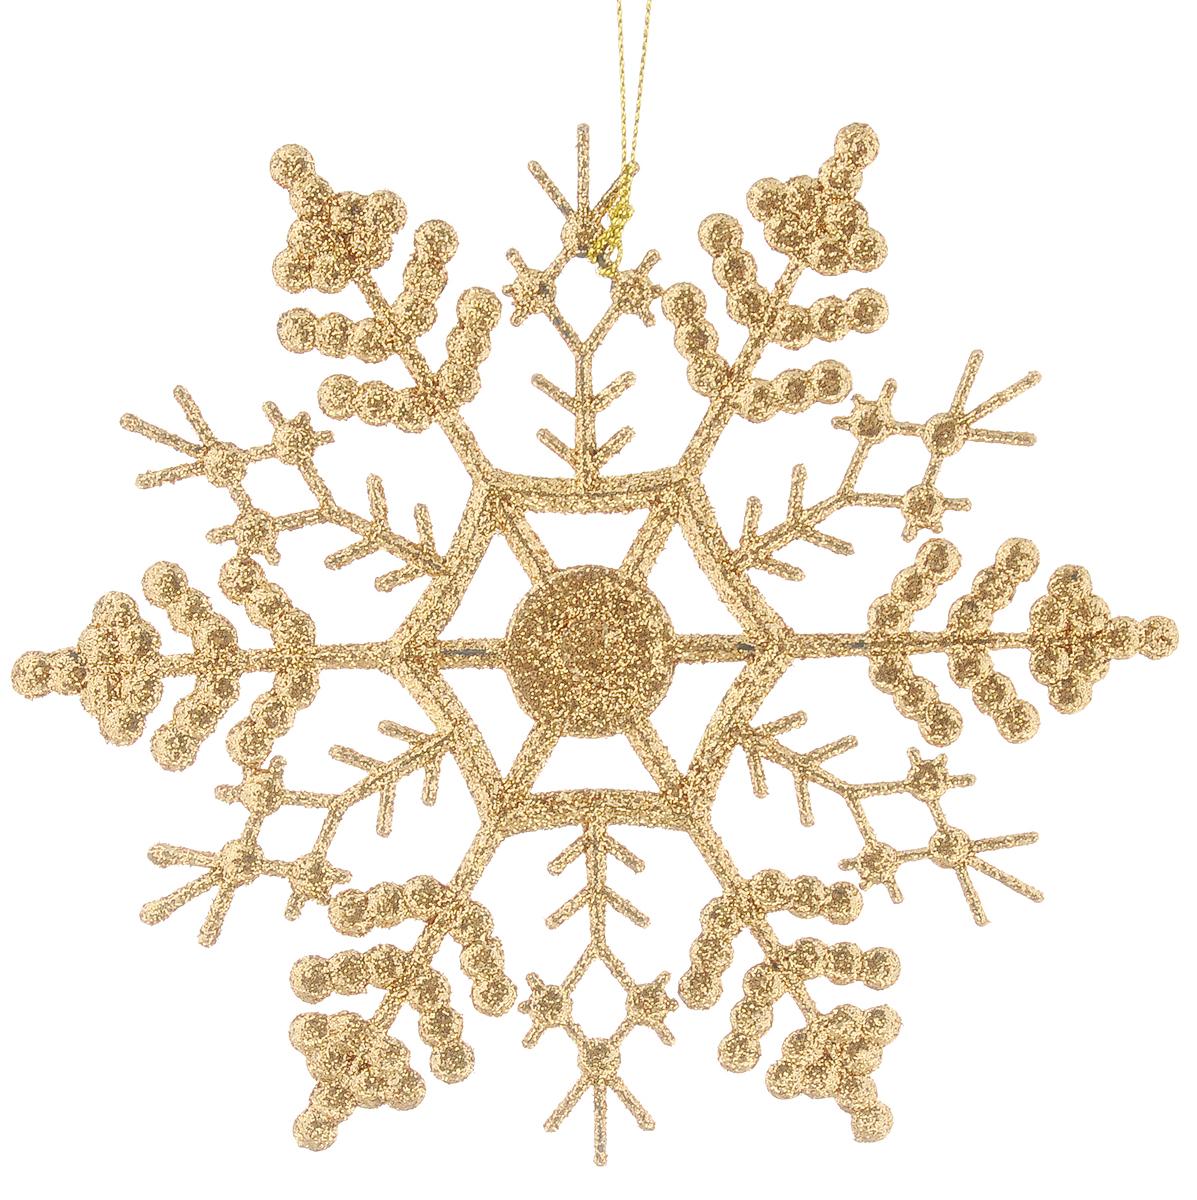 Украшение новогоднее подвесное Magic Time Снежинка-паутинка, цвет: золотой, 16,5 х 16,5 см38726/75095Новогоднее подвесное украшение Magic Time Снежинка-паутинка выполнено из полипропилена в виде снежинки и украшено блестками. С помощью специальной петельки украшение можно повесить в любом понравившемся вам месте. Но, конечно, удачнее всего оно будет смотреться на праздничной елке.Елочная игрушка - символ Нового года. Она несет в себе волшебство и красоту праздника. Создайте в своем доме атмосферу веселья и радости, украшая новогоднюю елку нарядными игрушками, которые будут из года в год накапливать теплоту воспоминаний.Материал: полипропилен.Размер: 16,5 х 16,5 см.